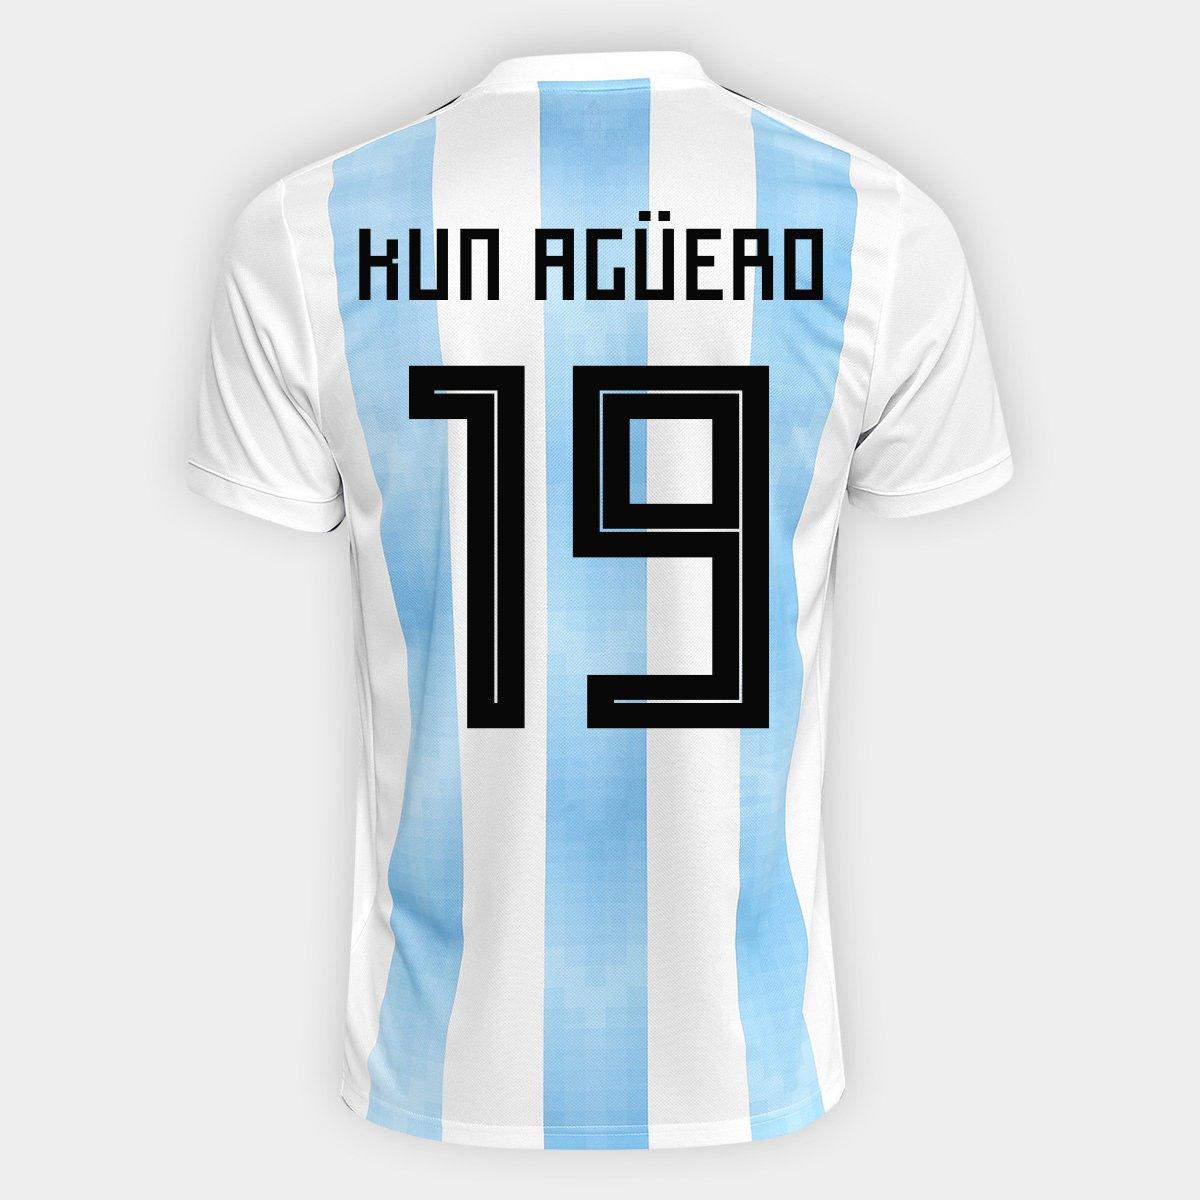 Camisa Seleção Argentina Home 2018 n° 19 Kun Agüero - Torcedor Adidas  Masculina - Compre Agora  0bbd3af8b3312